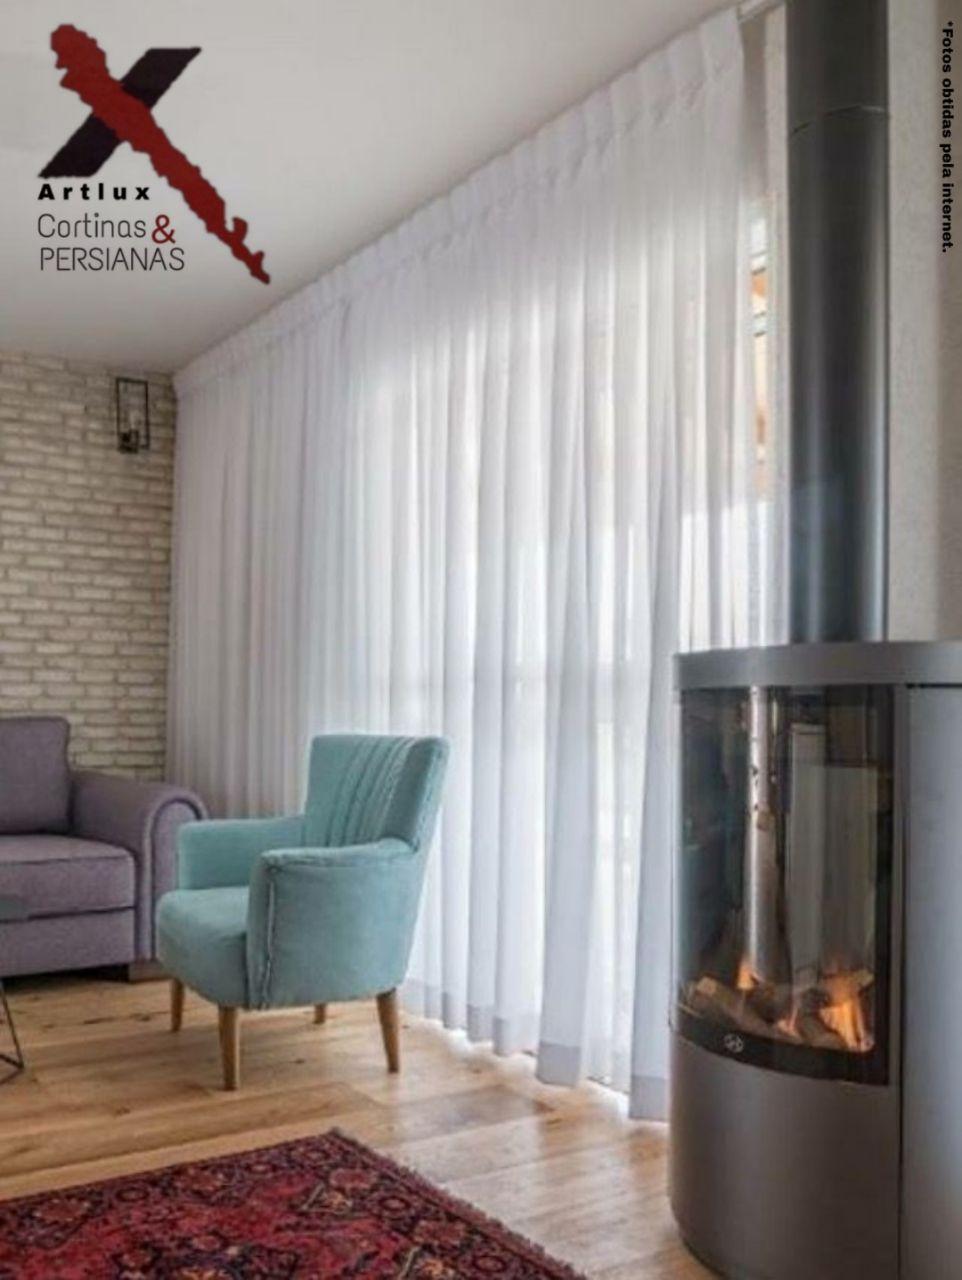 As cortinas devem ocupar apenas a janela ou a parede inteira?